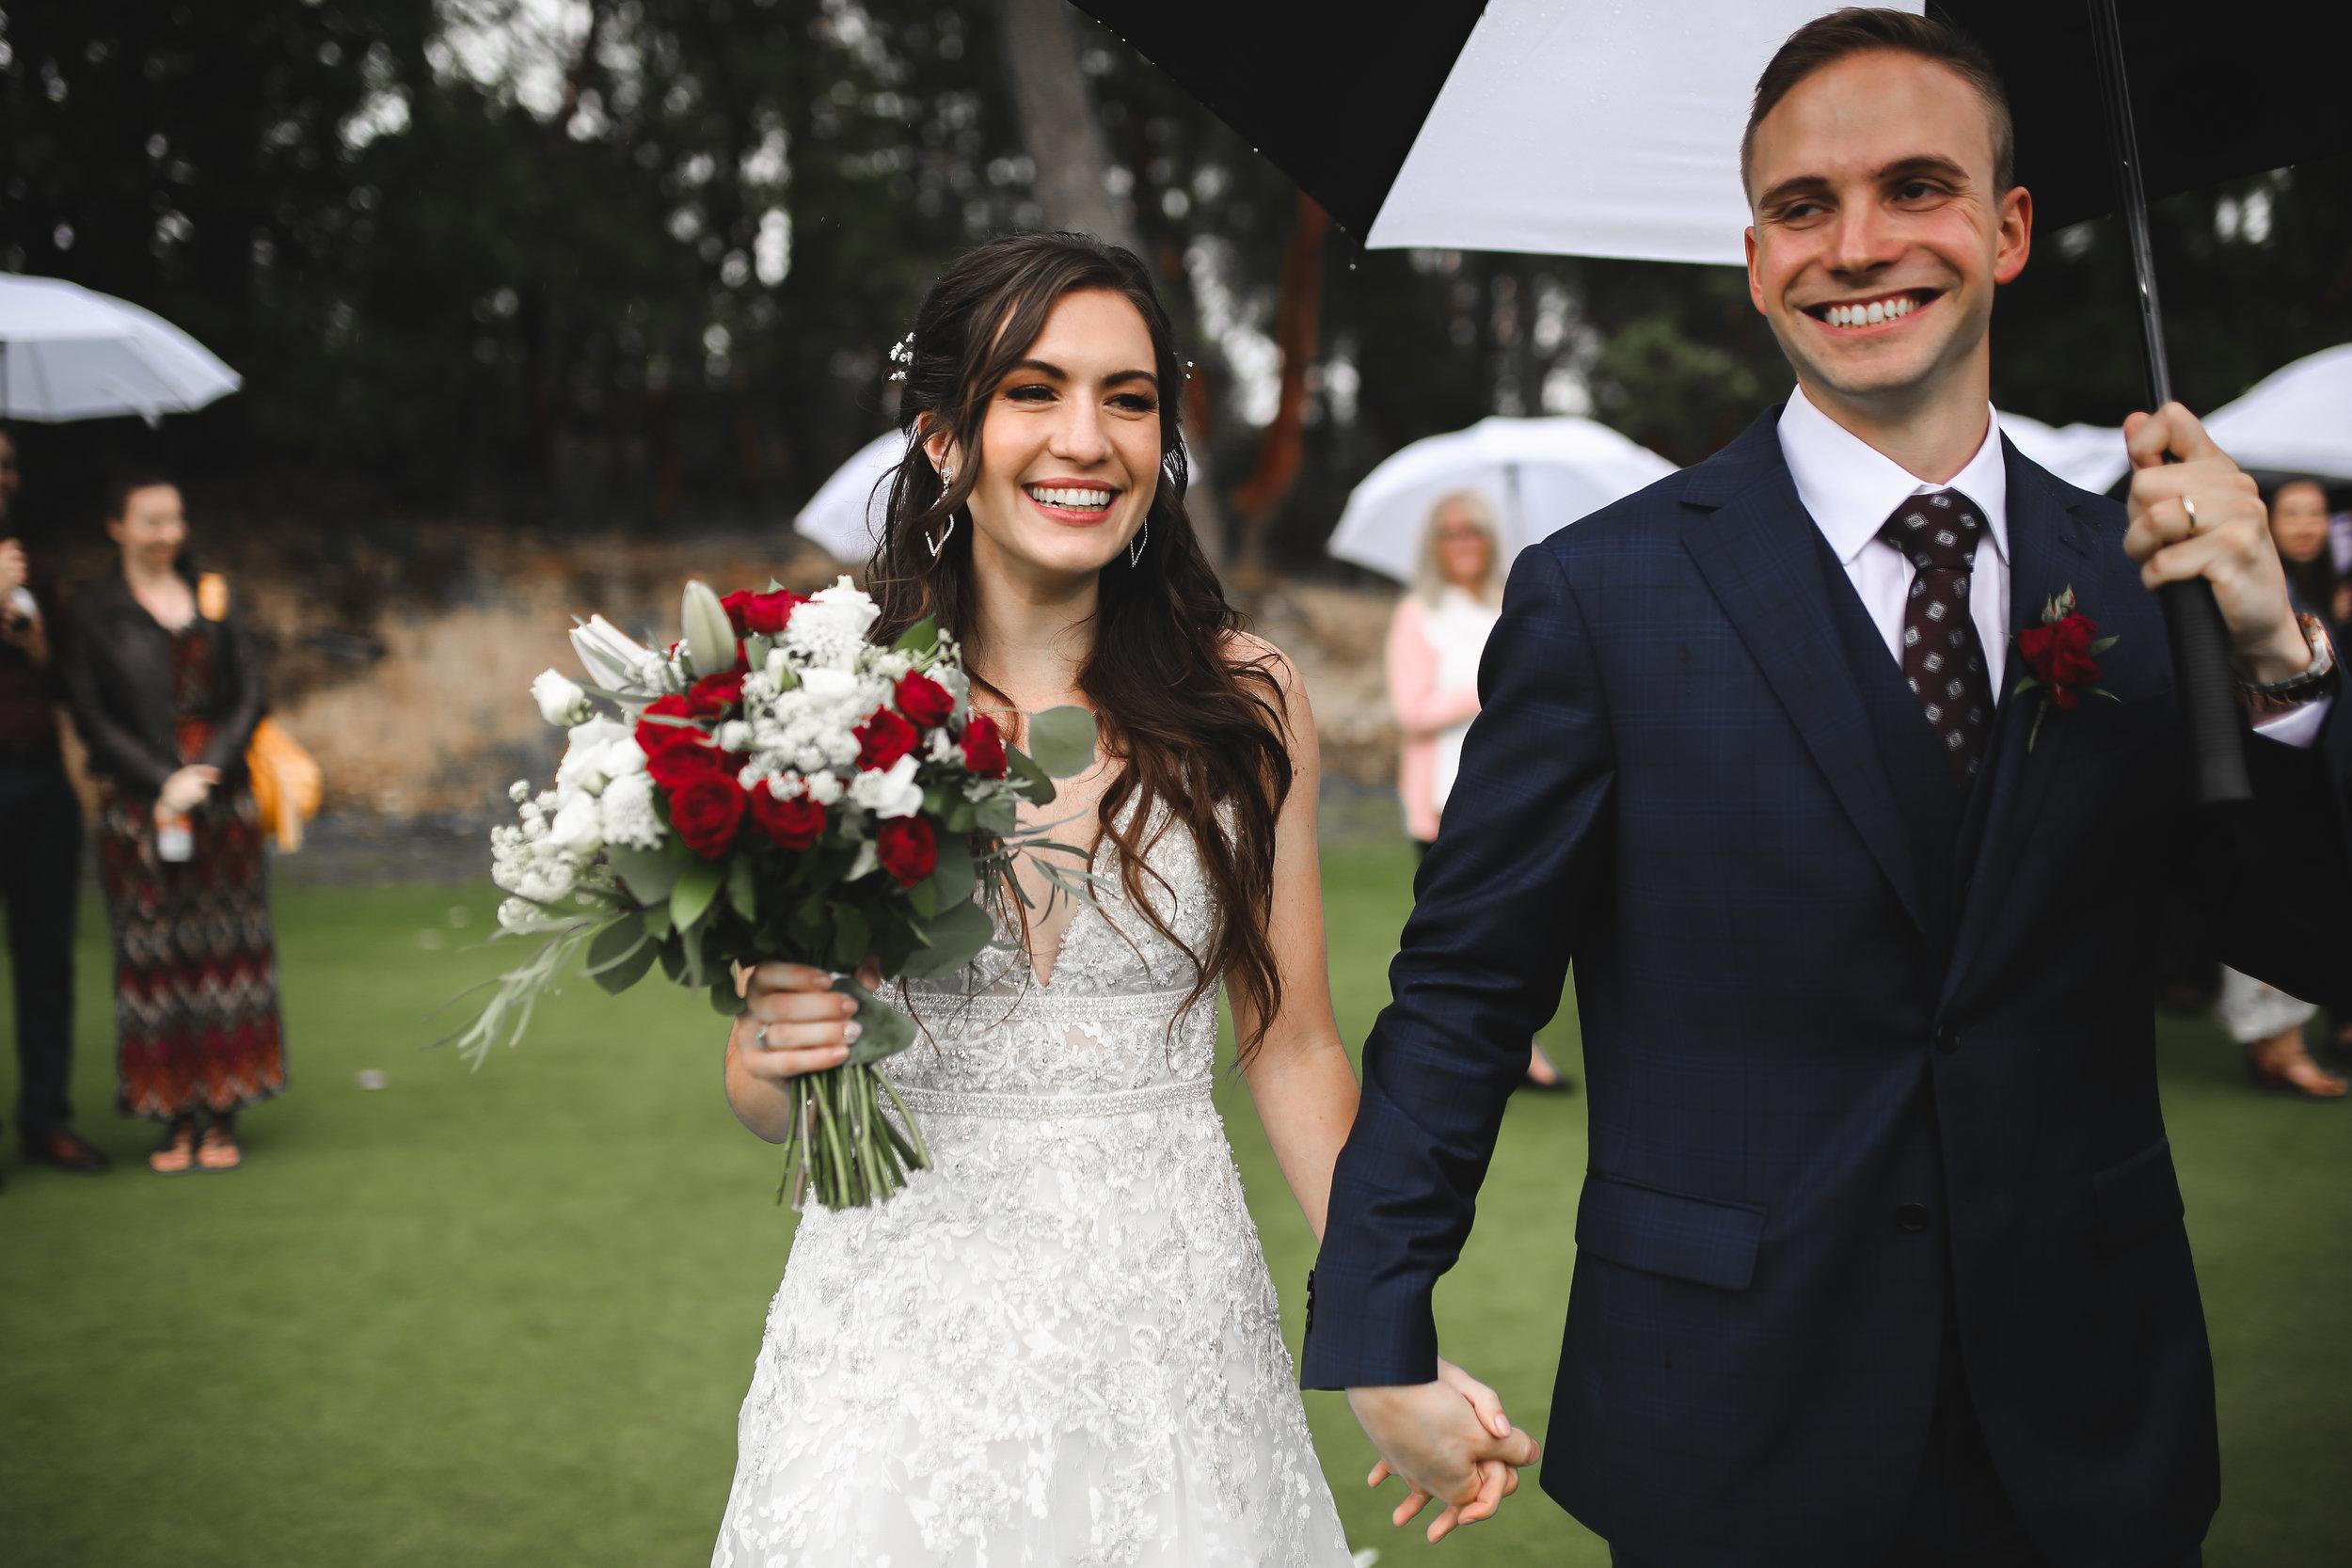 53 Adam Ziorio Photography - Allison & Austin's Wedding.jpg